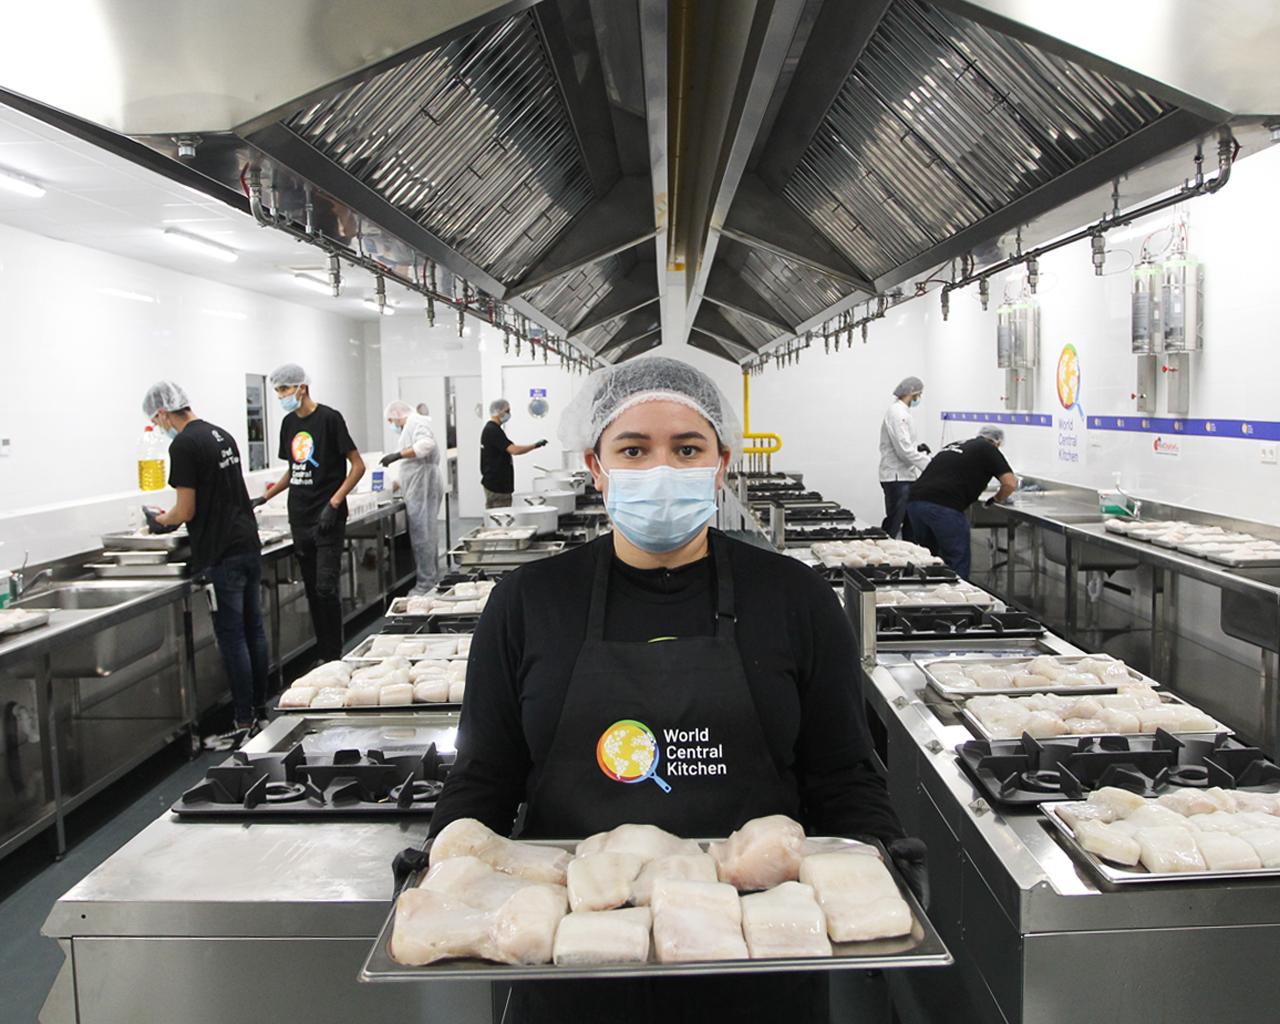 #ChefsForSpain. Cientos de voluntarios preparan más de 10.000 comidas diarias para los más vulnerables. Santa Eugenia, Madrid. 07/04/2020.